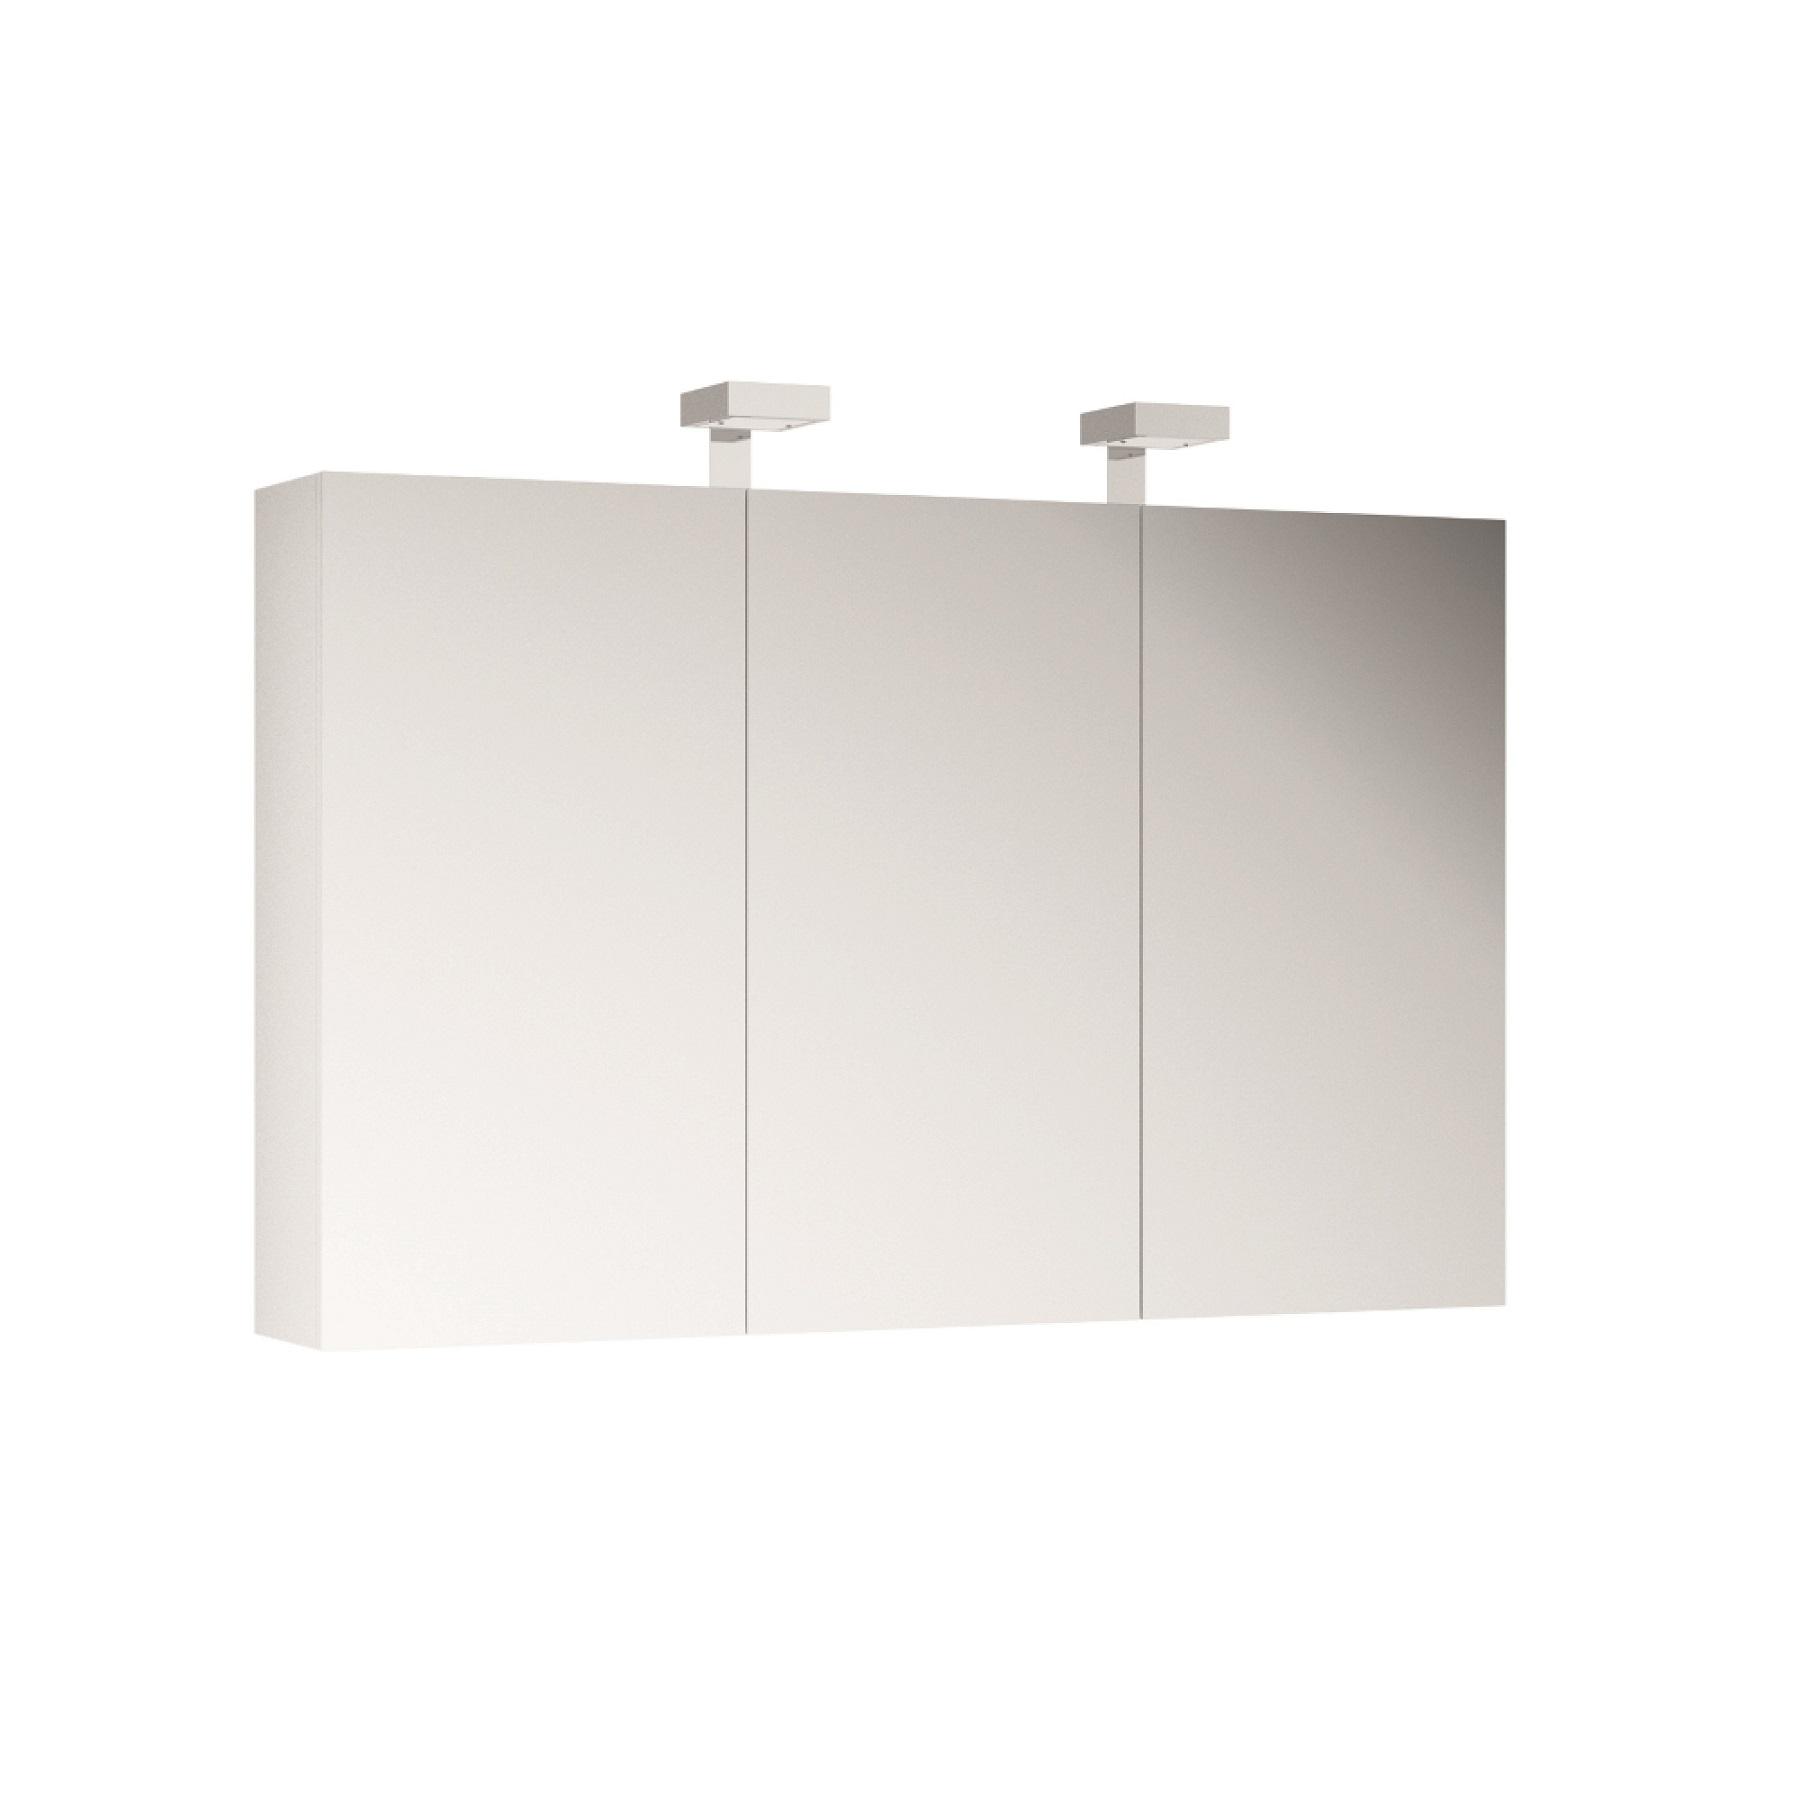 ALLIBERT Spiegelschrank Spiegel Badmöbel vormontiert weiß Glanz 120 cm LED